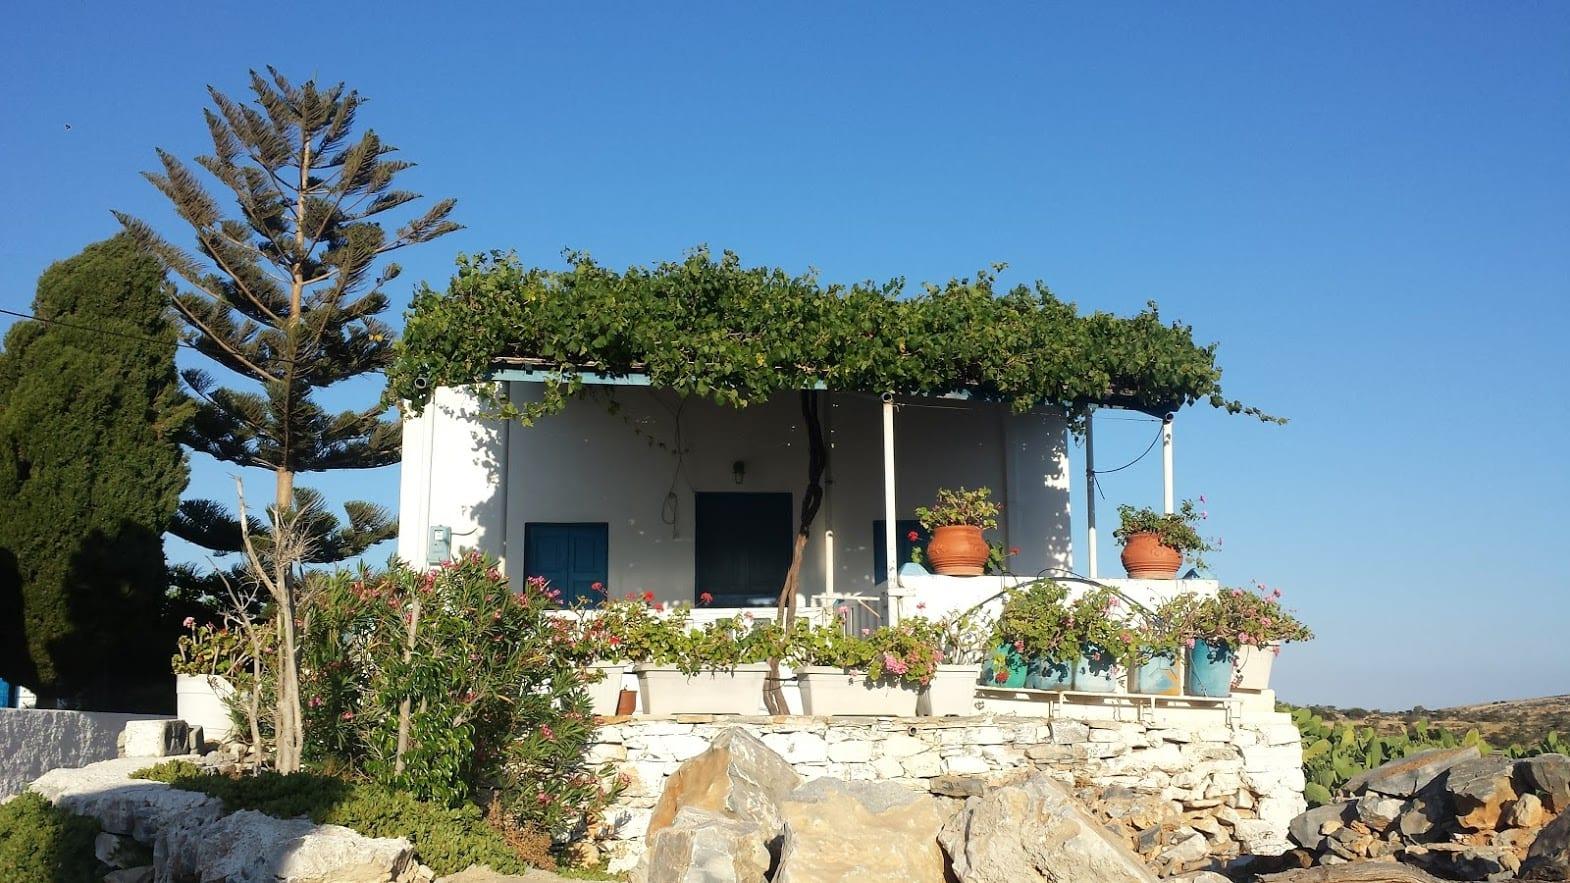 Schinoussa in Greece